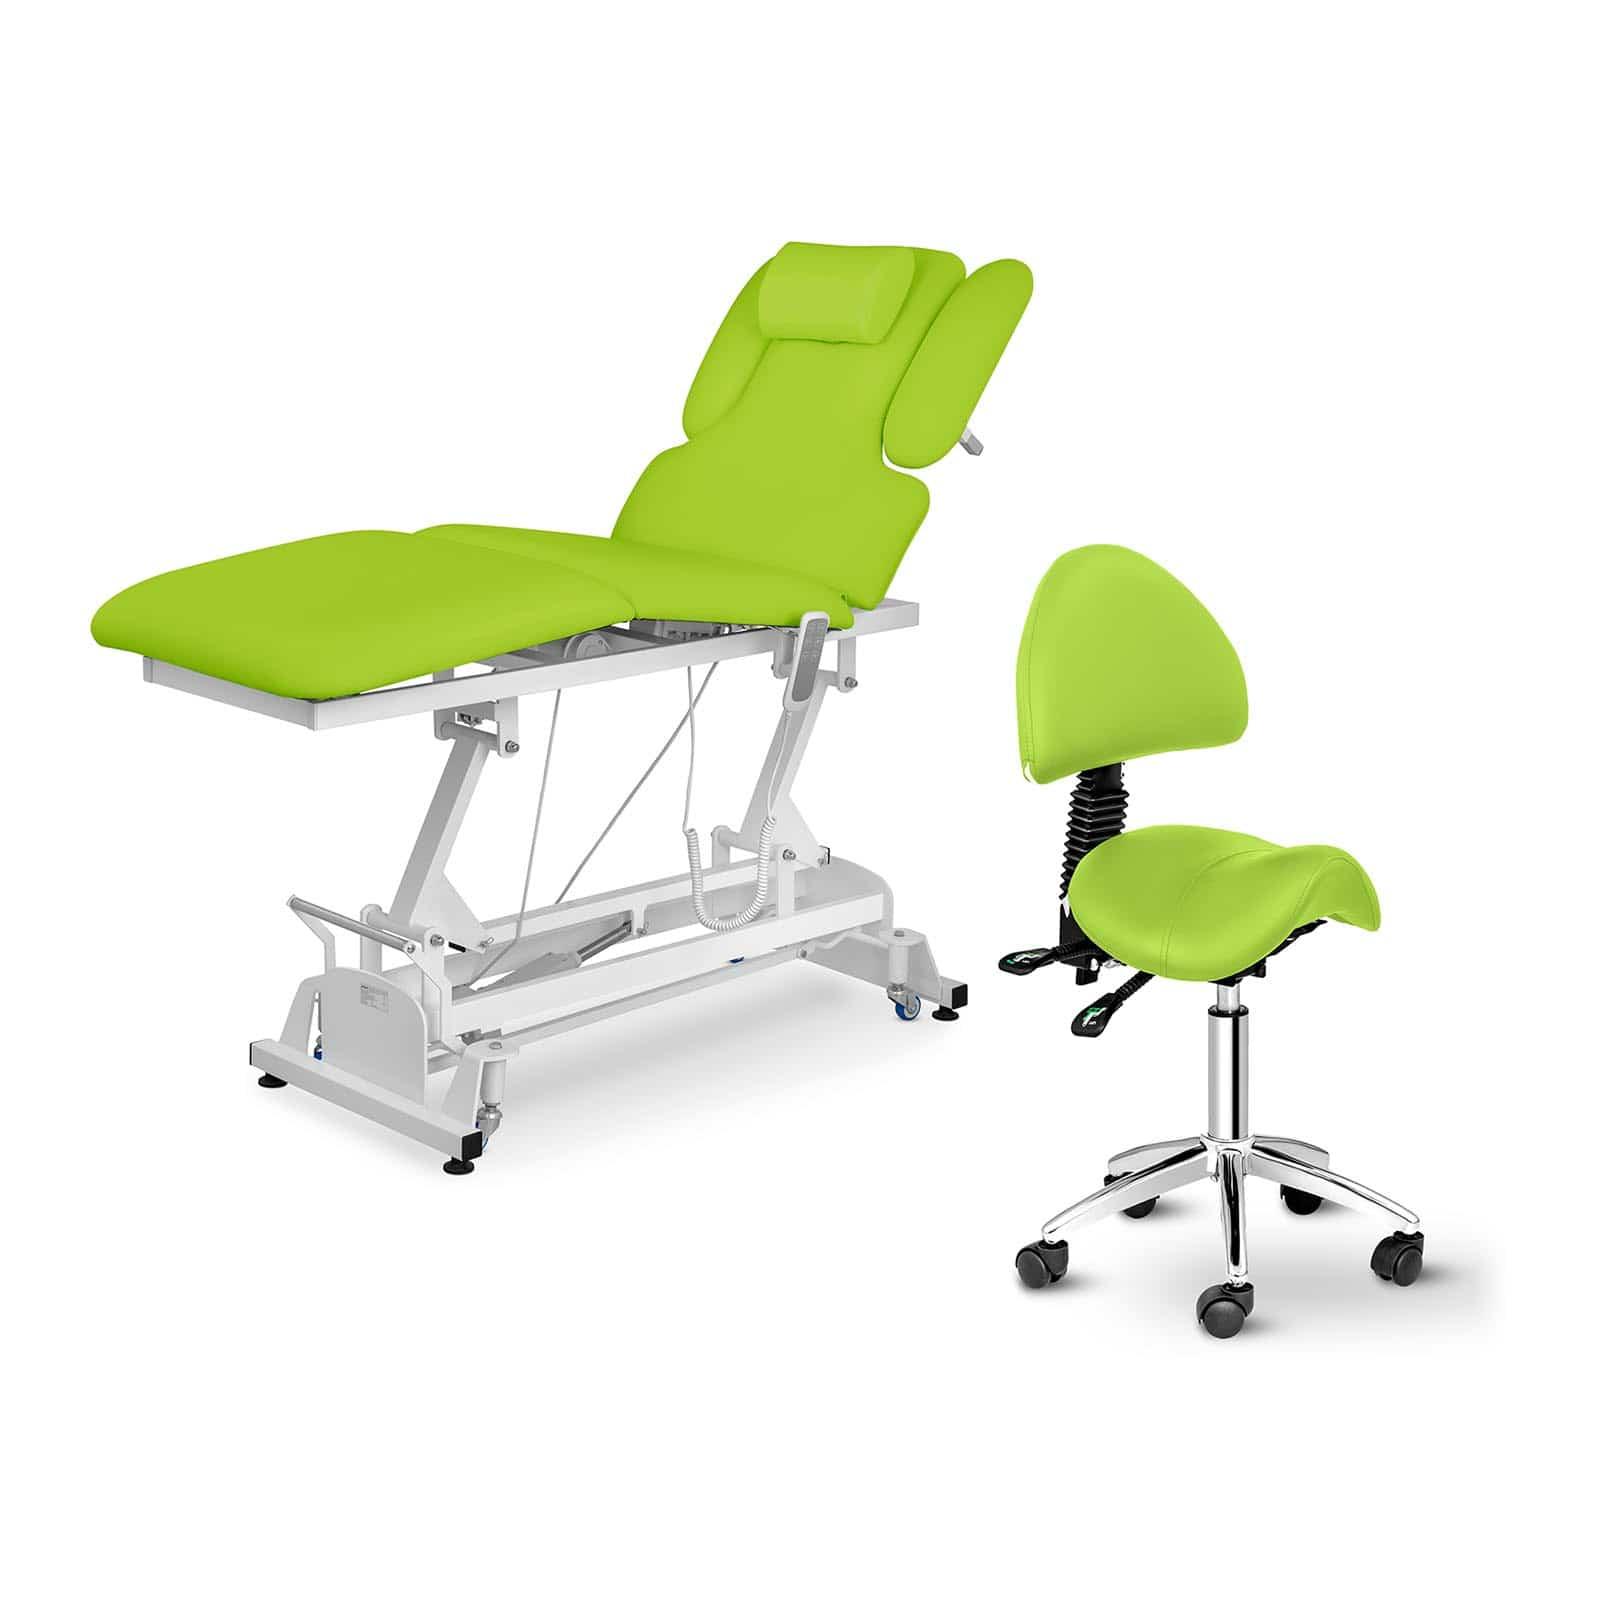 Zestaw Łóżko do masażu Physa Nantes Light Green + Krzesło siodłowe Berlin w kolorze jasnozielone - oparcie